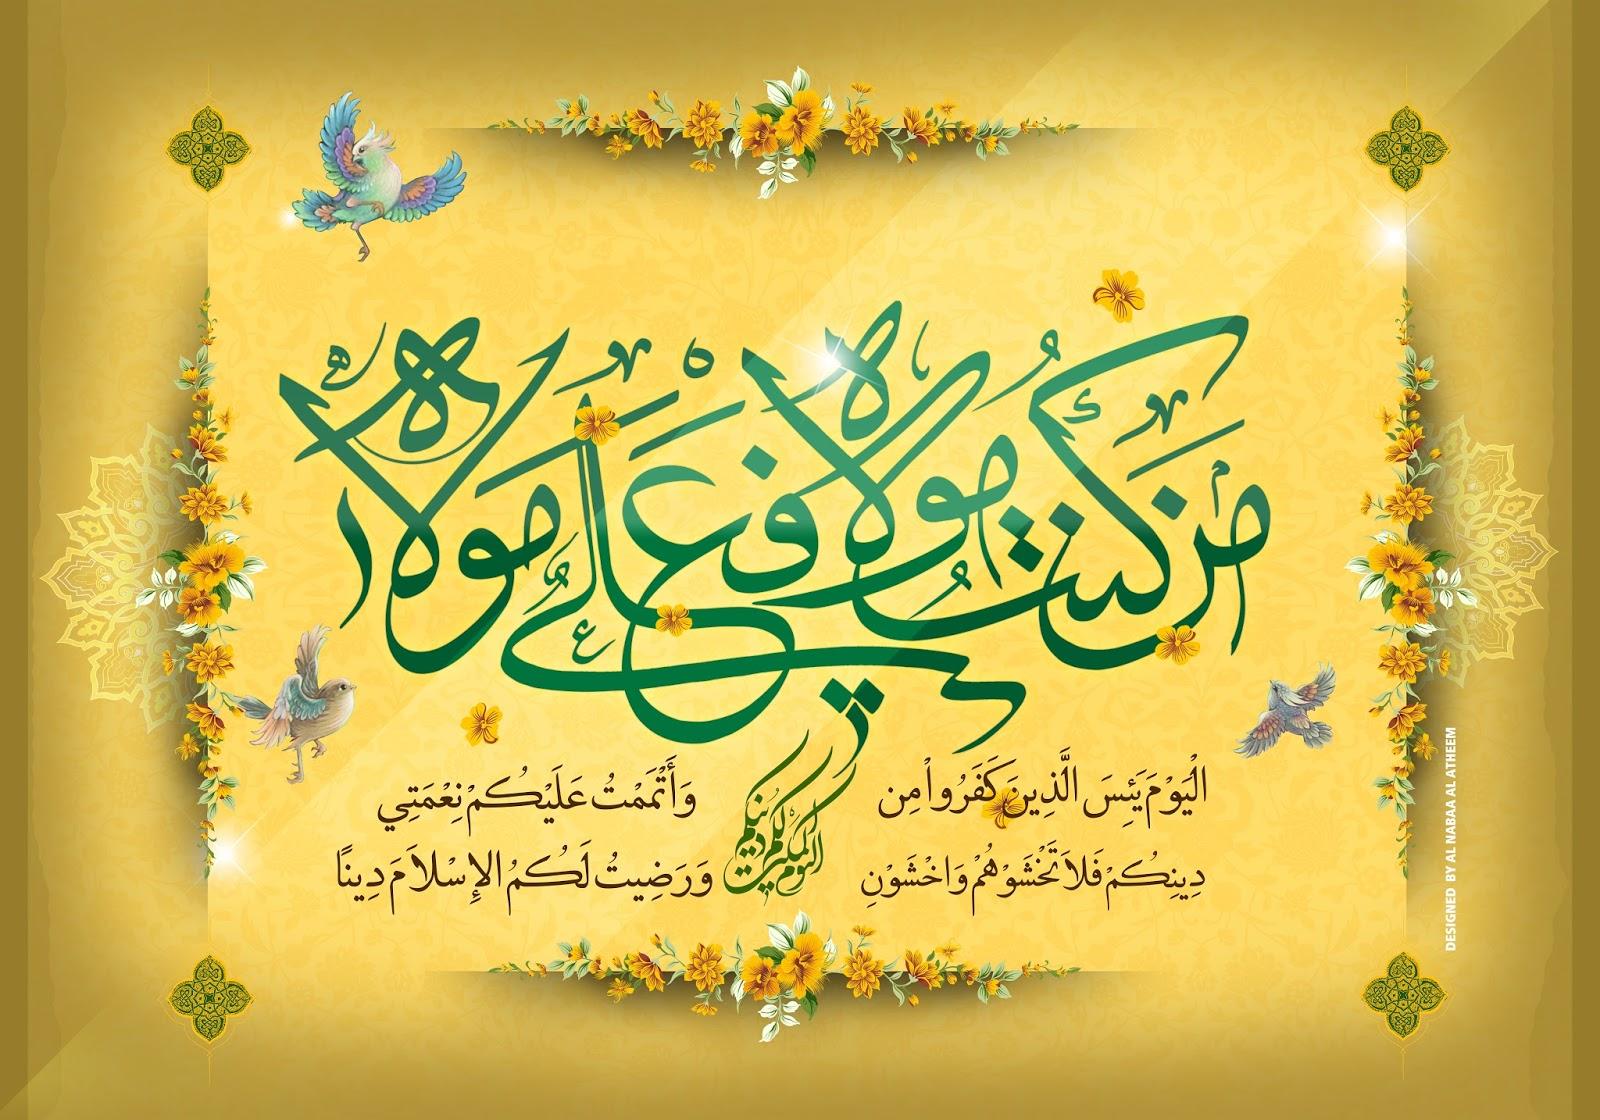 ما هي قصة يوم الغدير يوم الولاية لأمير المؤمنين علي ع النبأ العظيم